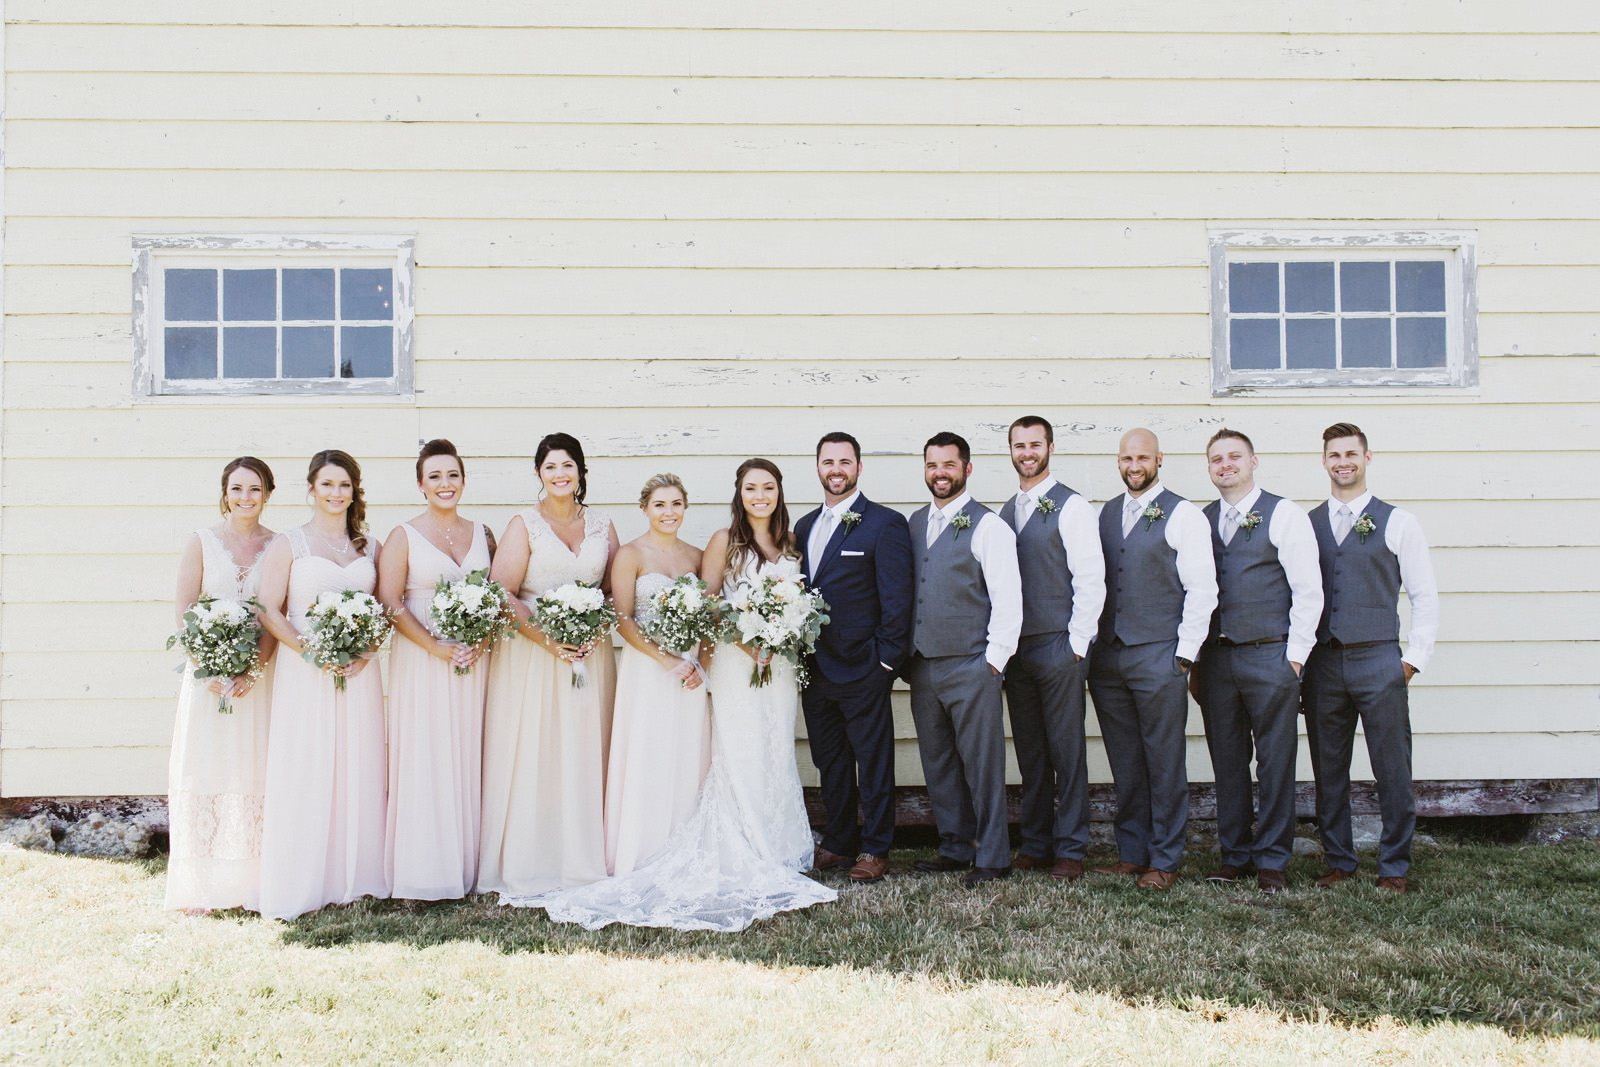 drewtiawna-blog-10 YELLOW BARN WEDDING